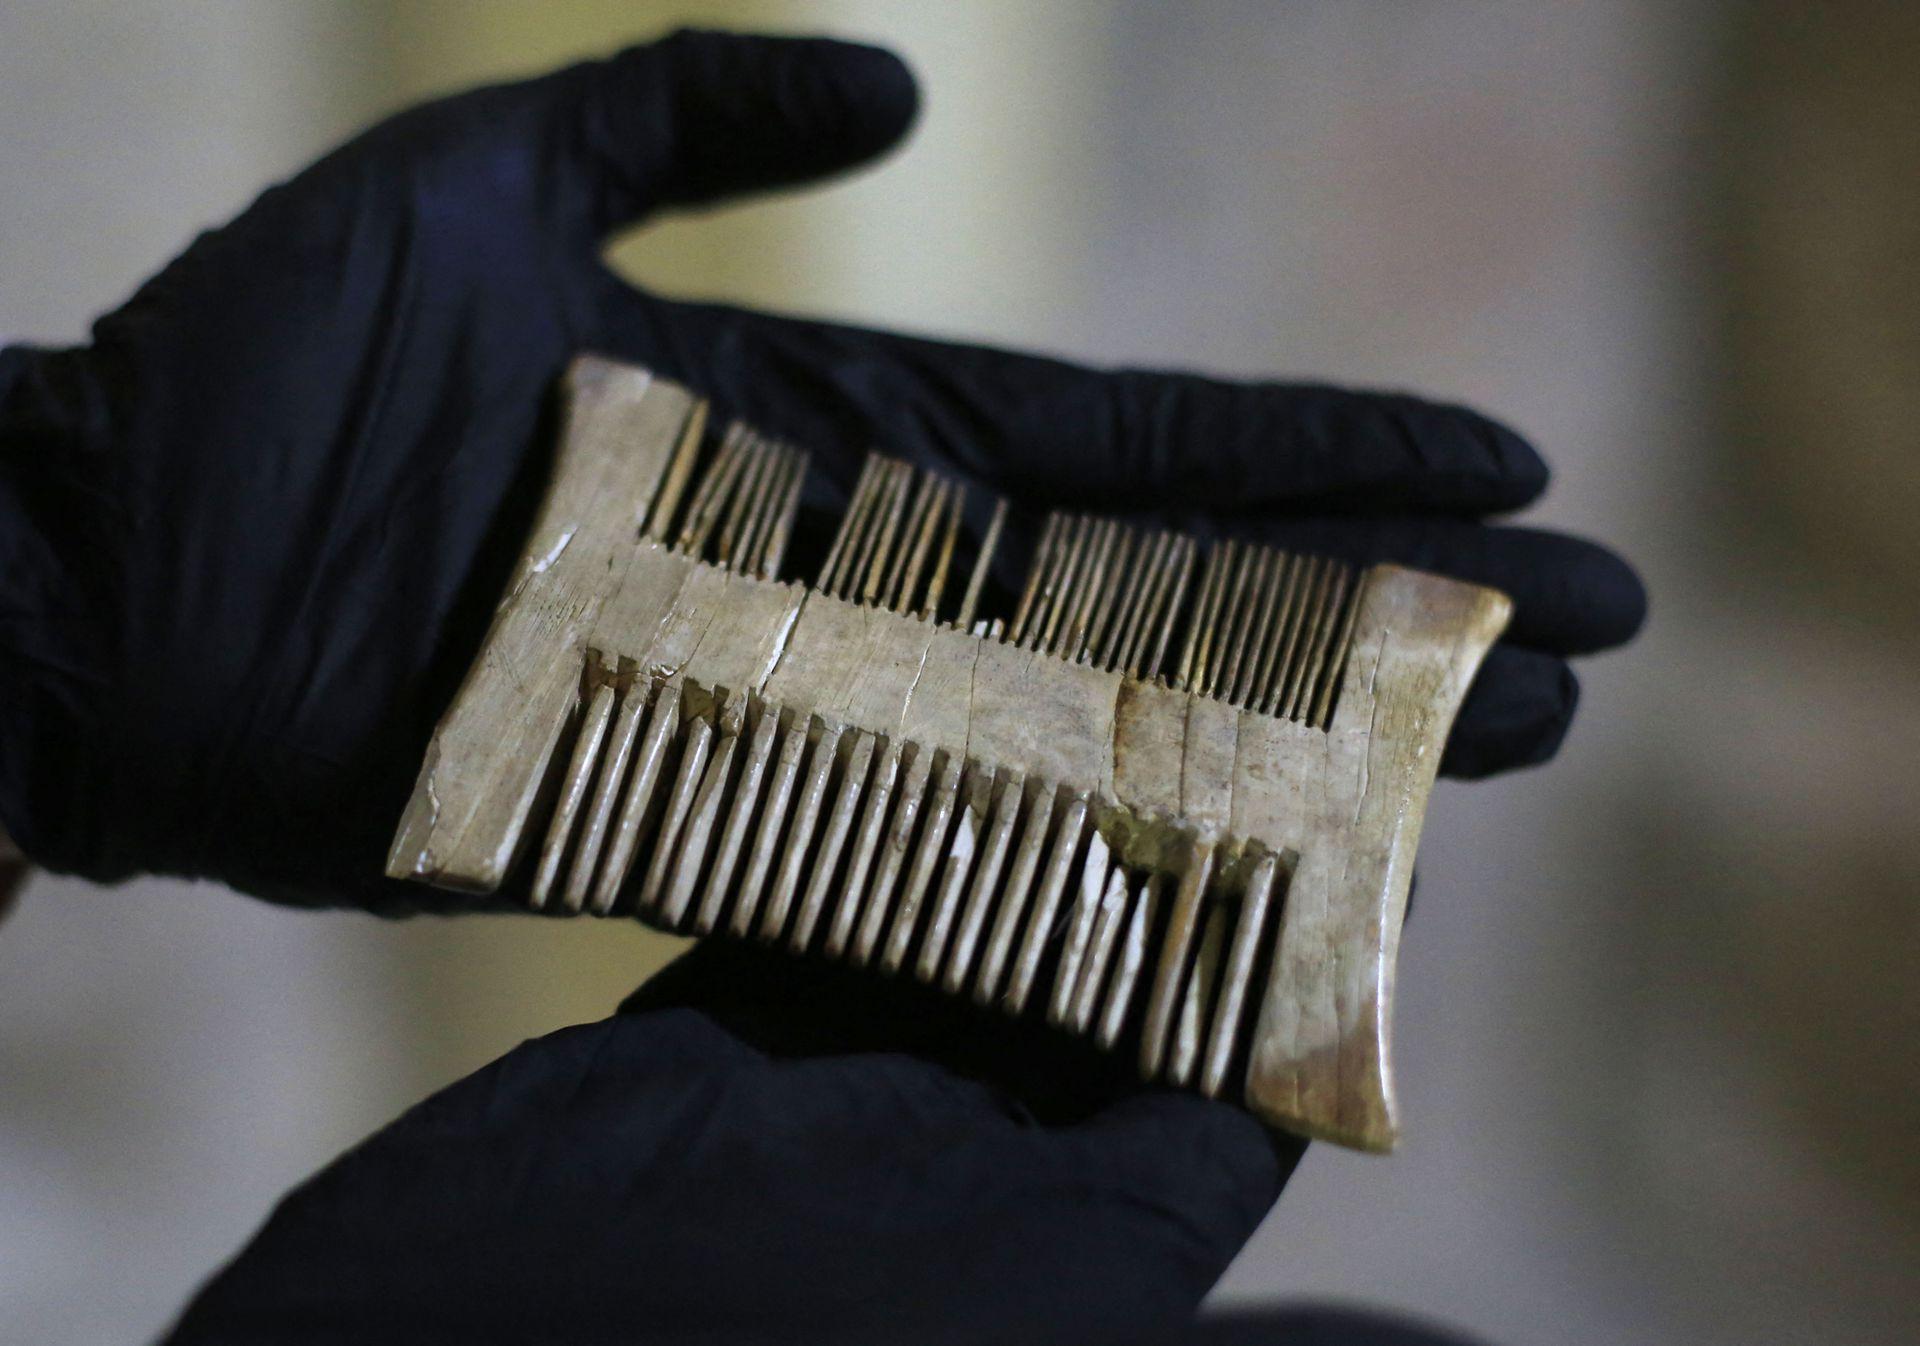 Un arqueólogo muestra un peine antiguo y en muy buen estado, se cree que es de la época de las cruzadas